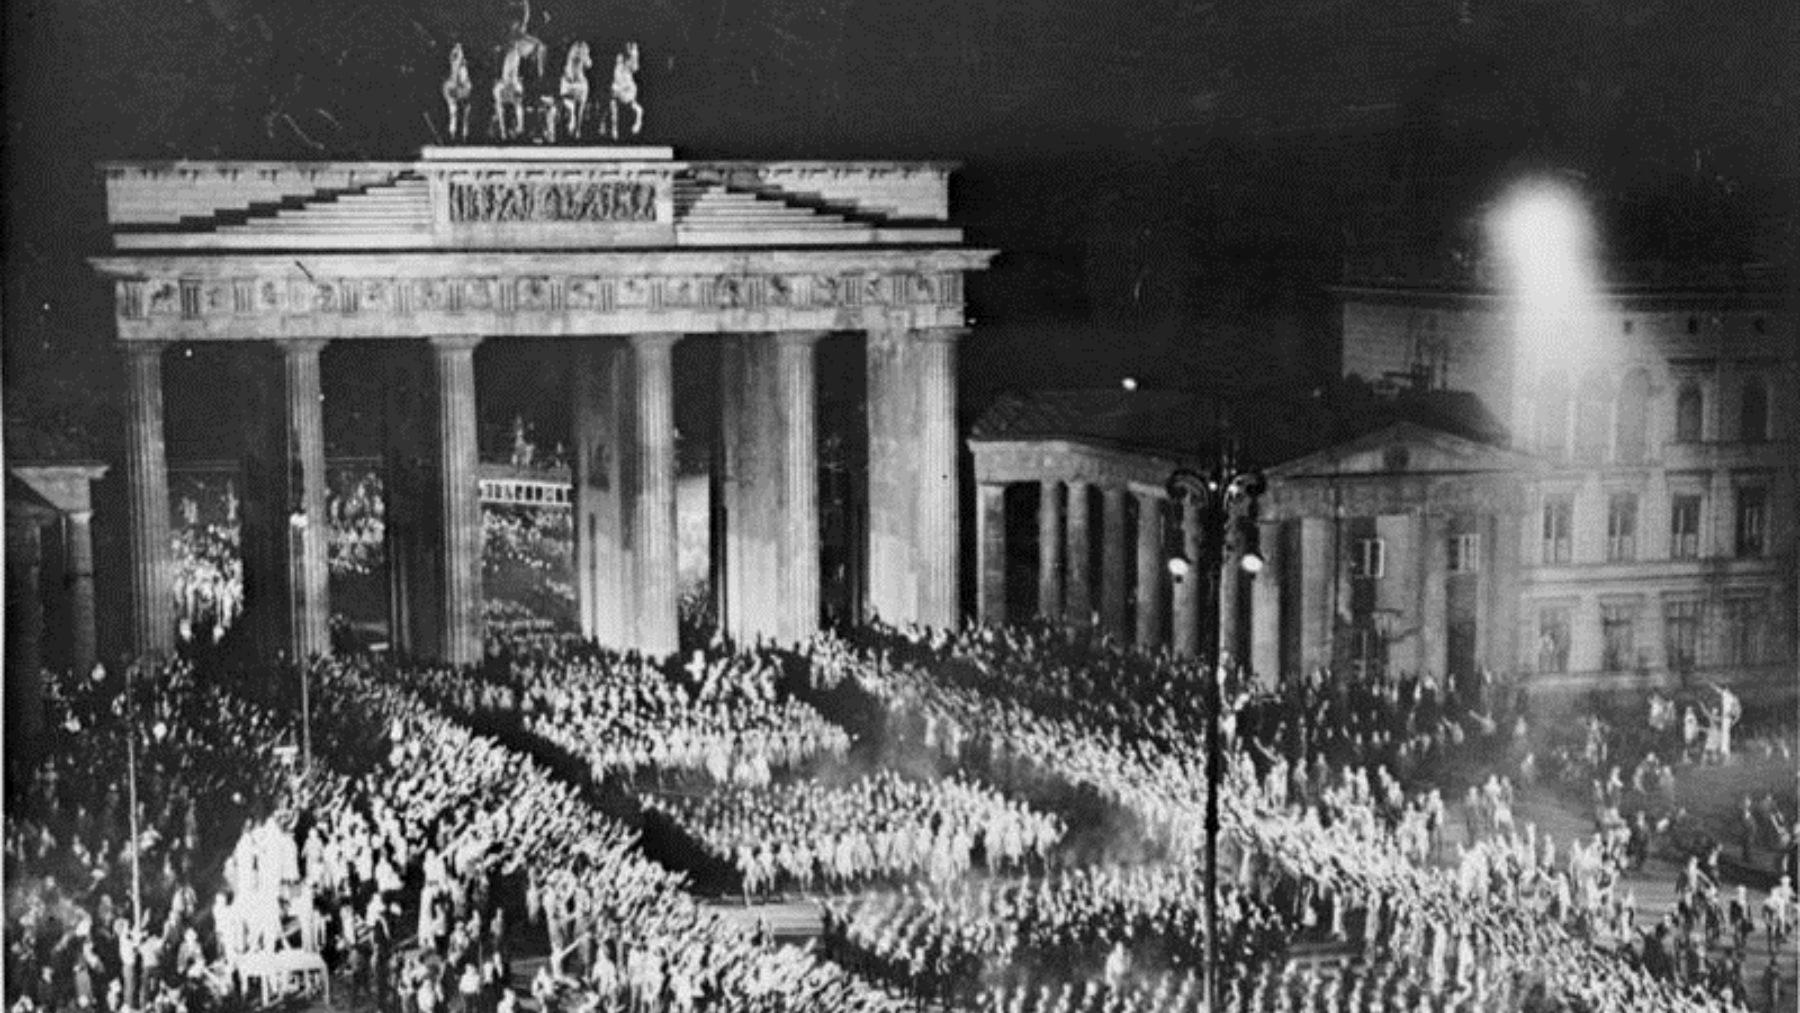 Adolf Hitler y la noche de los cuchillos largos